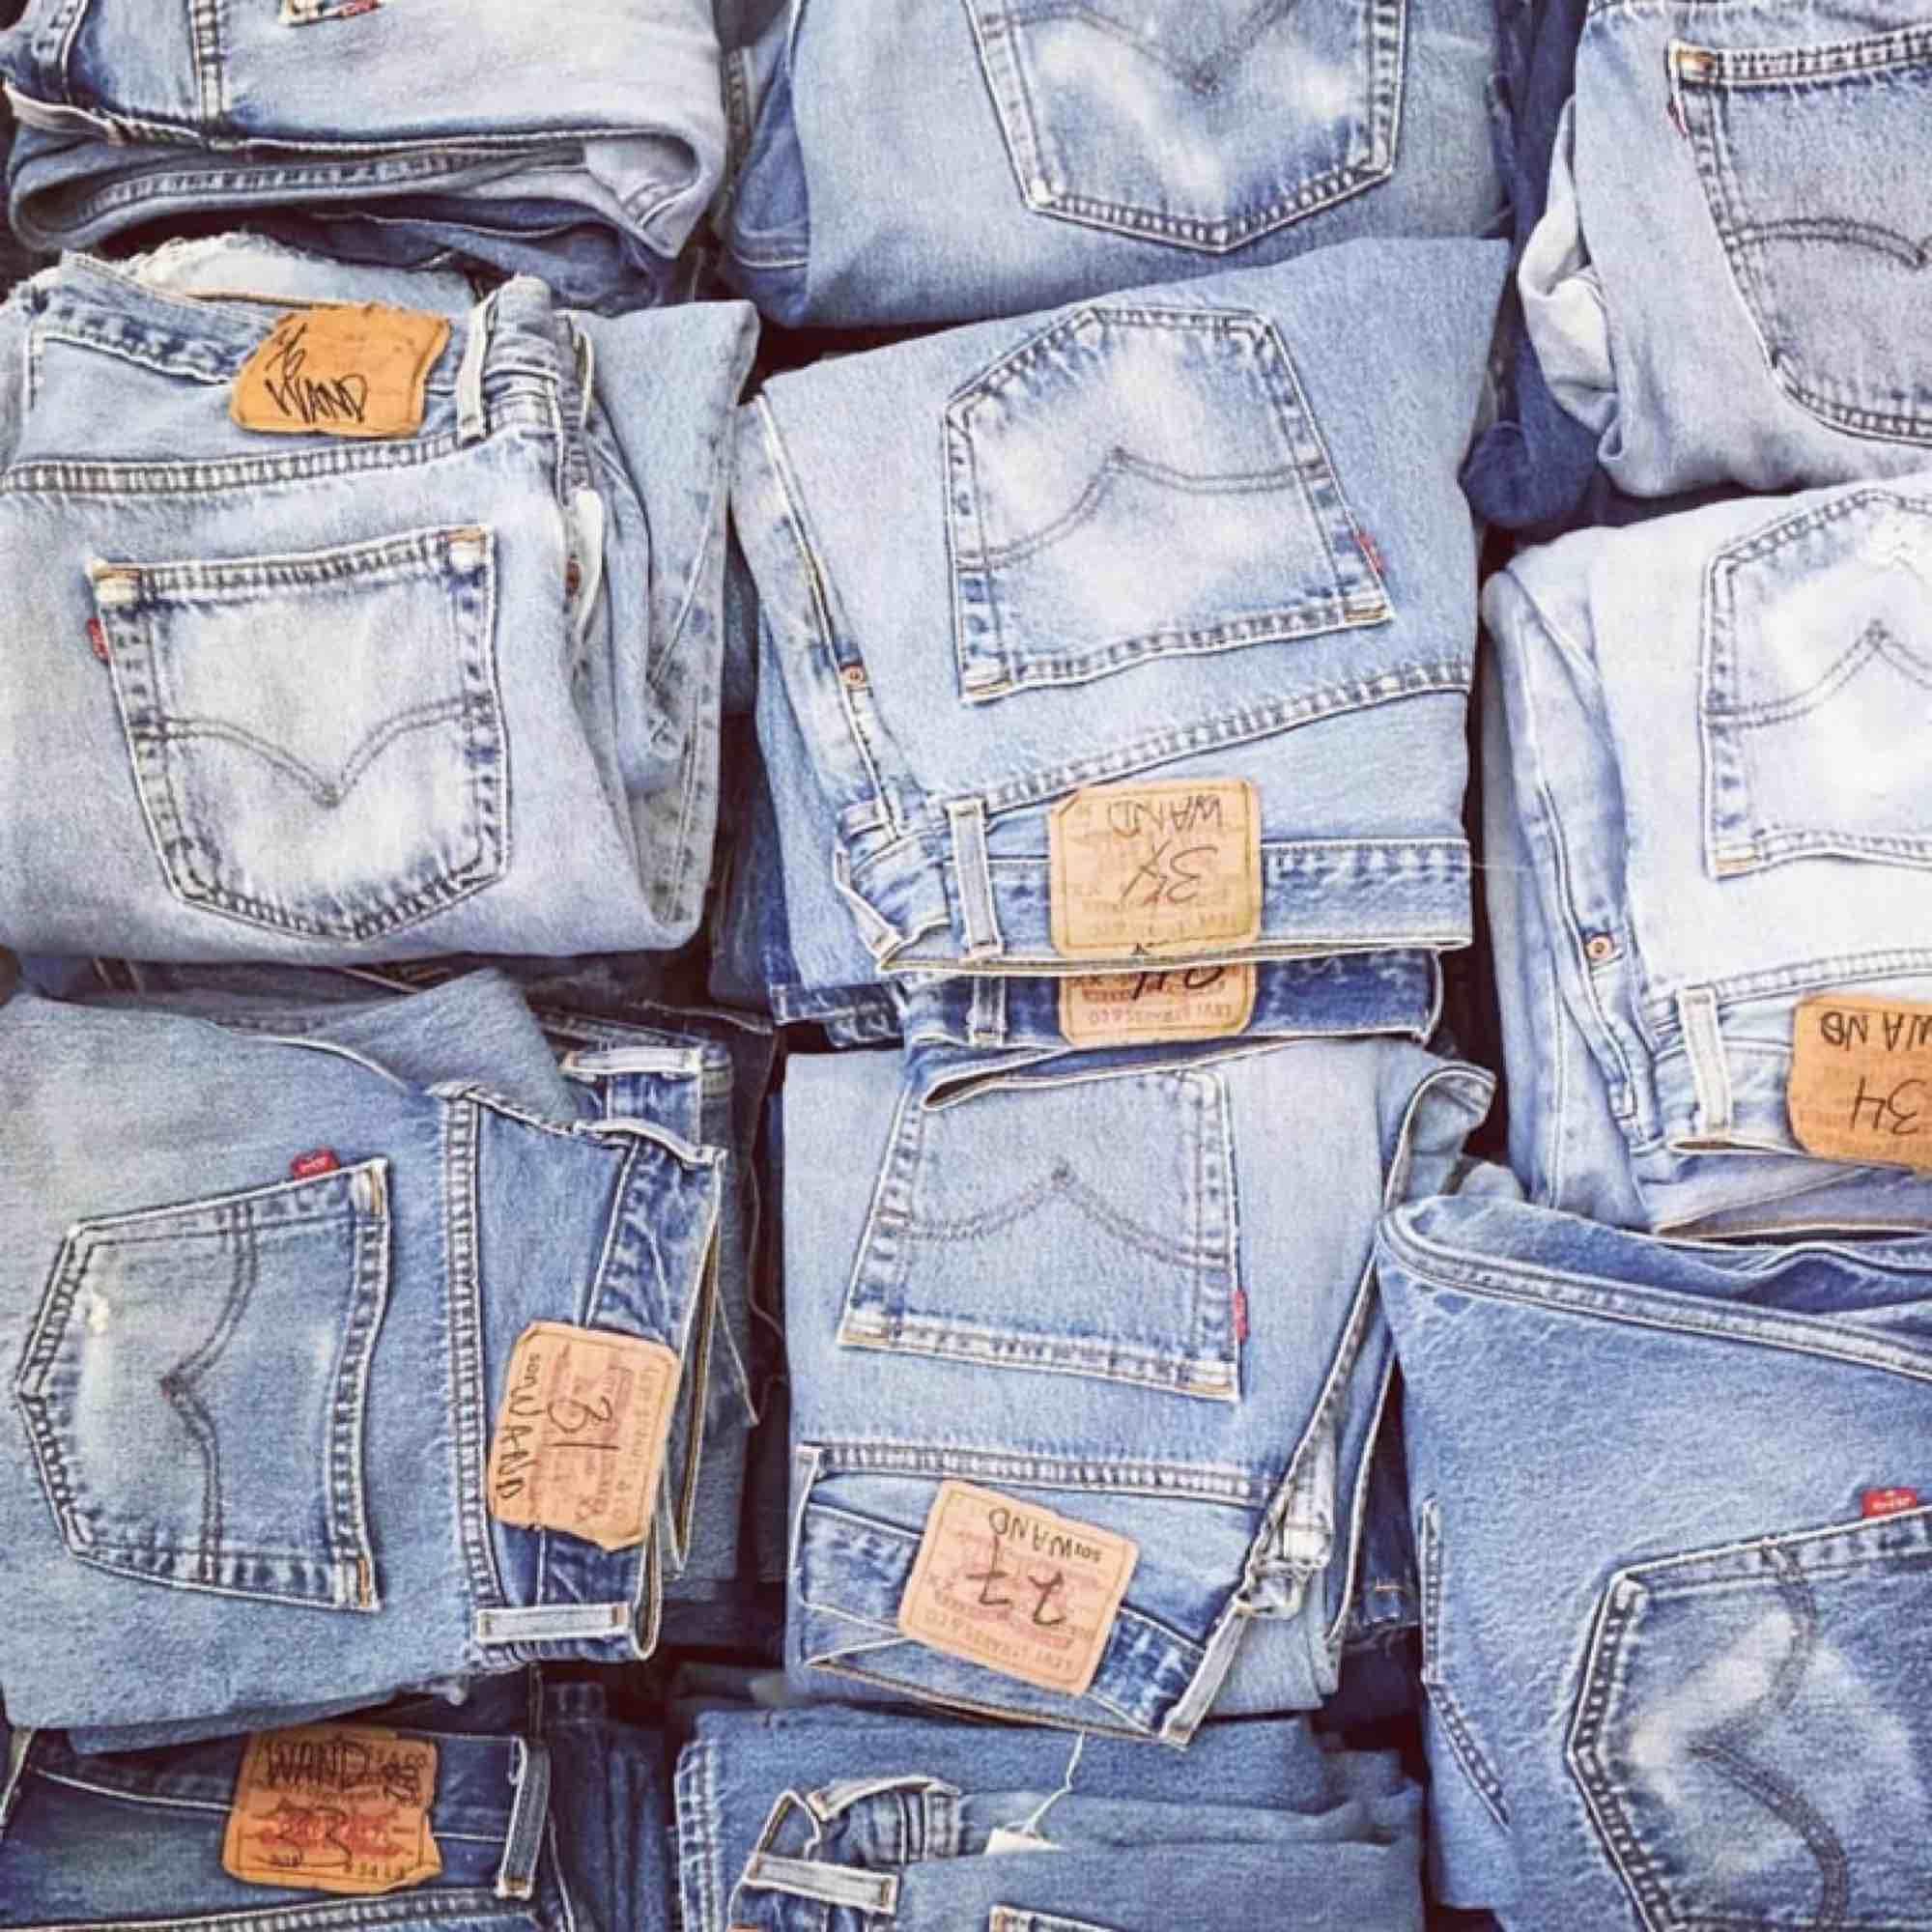 RetroRepurpose är tillbaka och ska sälja massor kläder till hösten! Nu kan man köpa bundles enkelt med fri frakt 😍 Mina varor kommer även få ny paketering med bättre kvalitet 😅 Checka in i veckan 🔜. Övrigt.